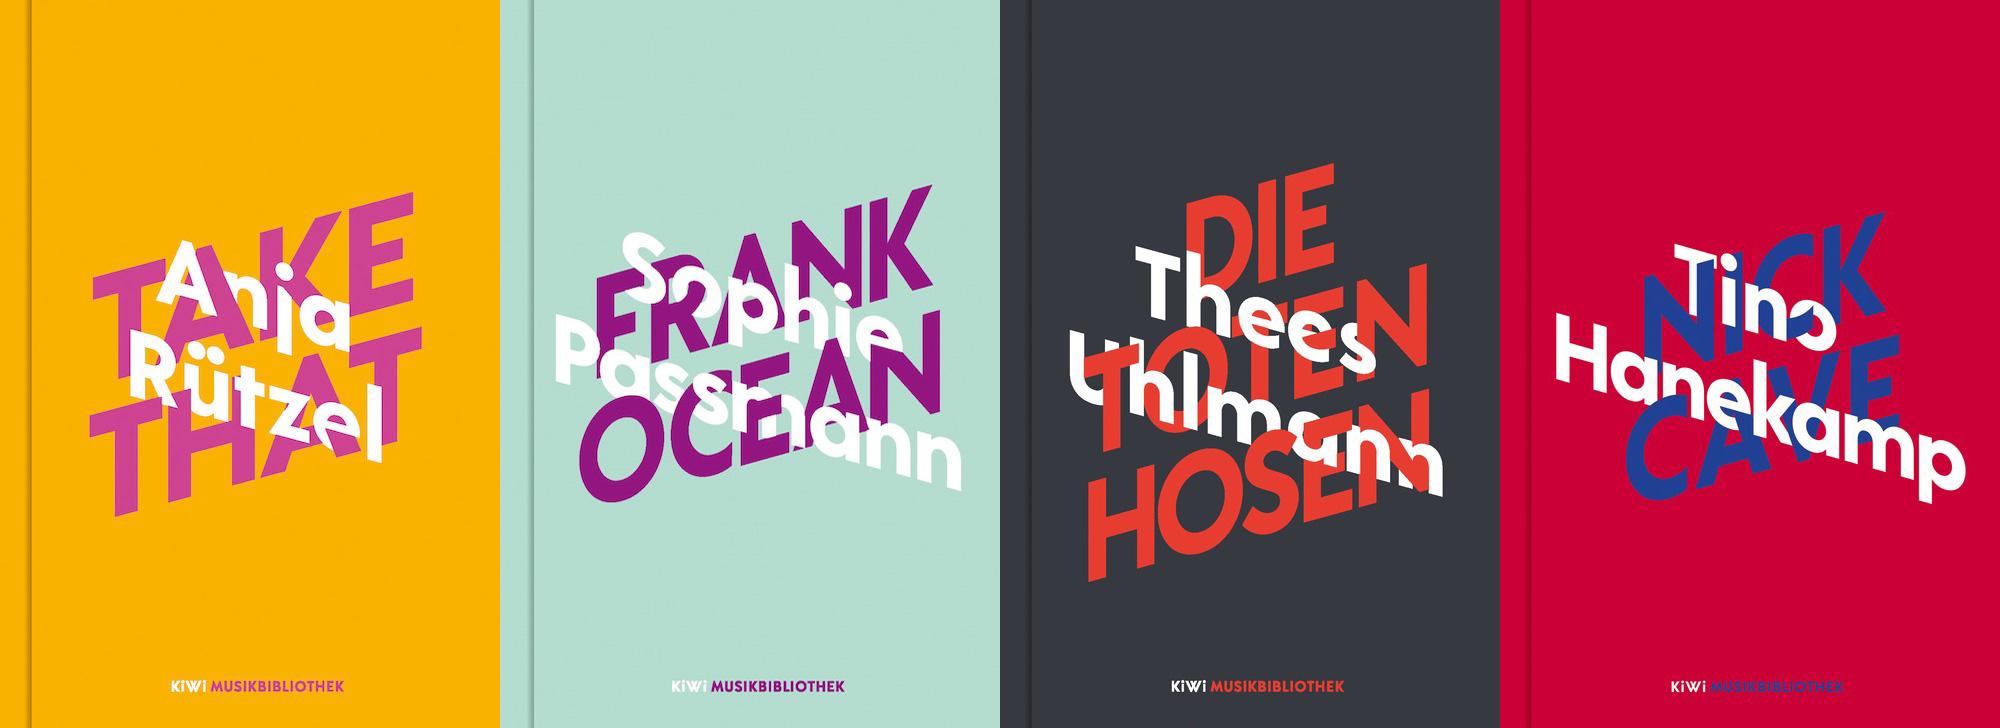 Spannende Buchreihe aus dem KIWI-Verlag: Künstler/-innen schreiben über ihren Lieblingsmusiker